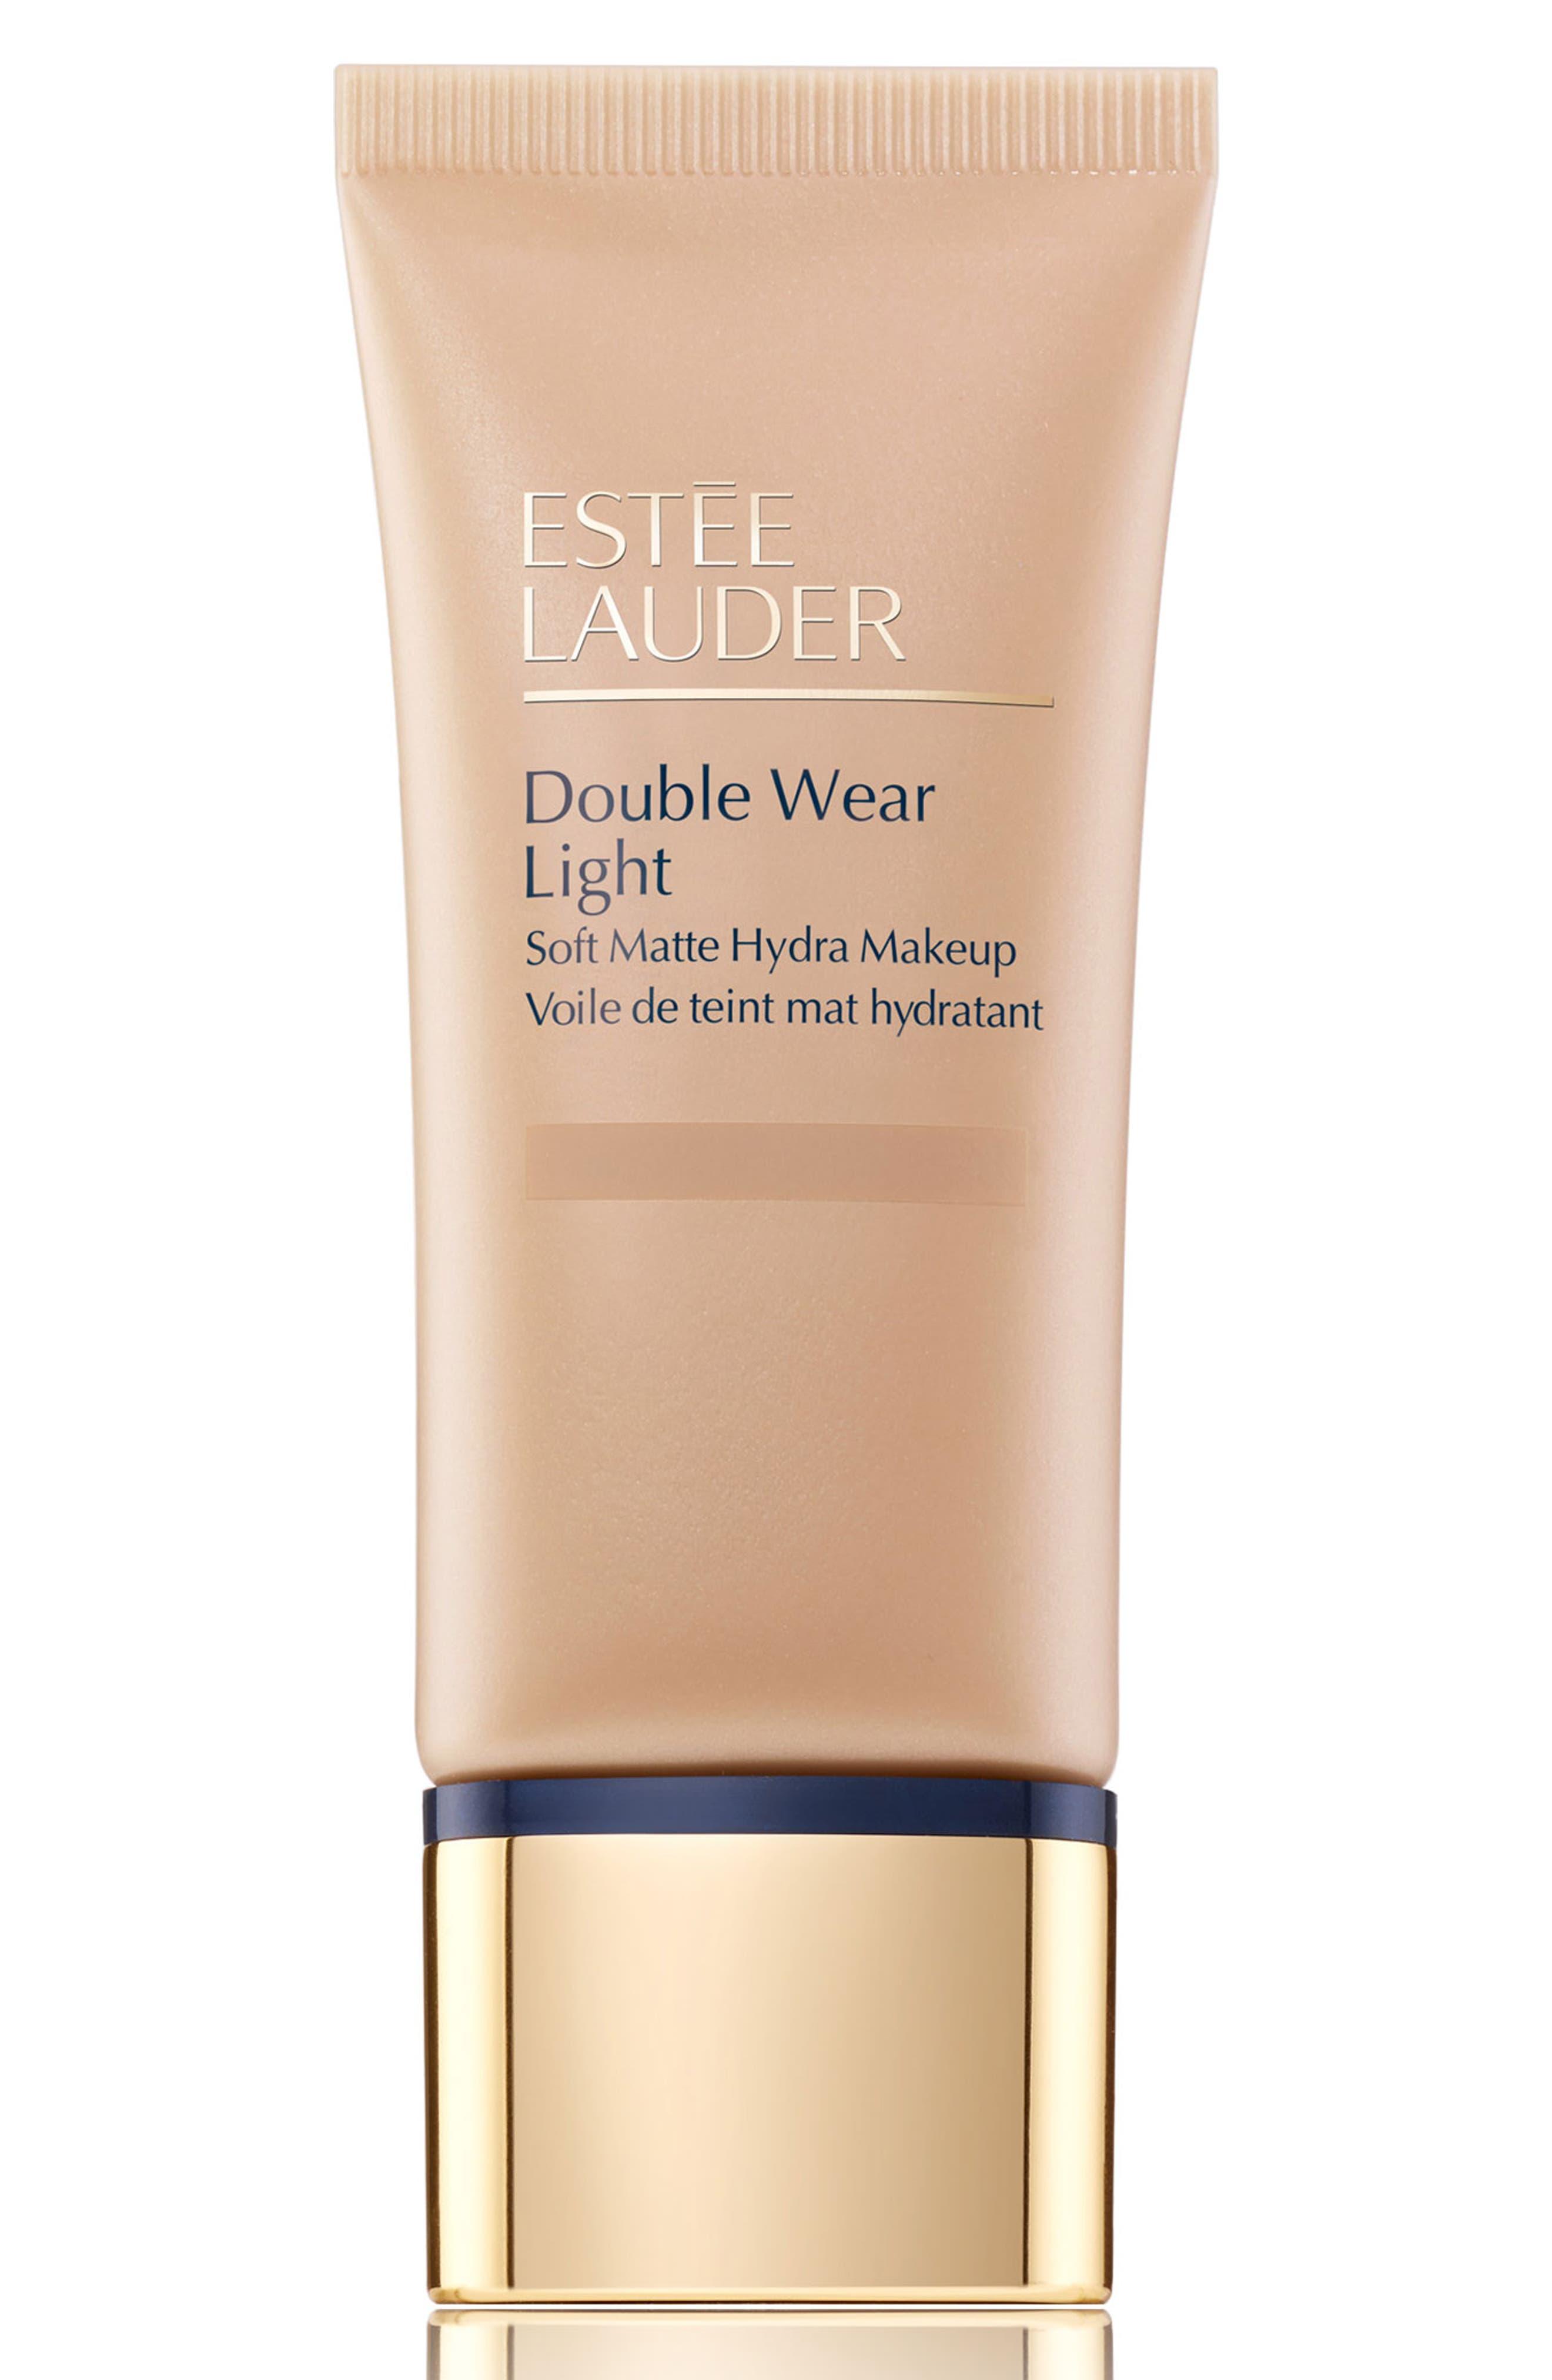 Estee Lauder Double Wear Light Soft Matte Hydra Makeup - 1N2 Ecru